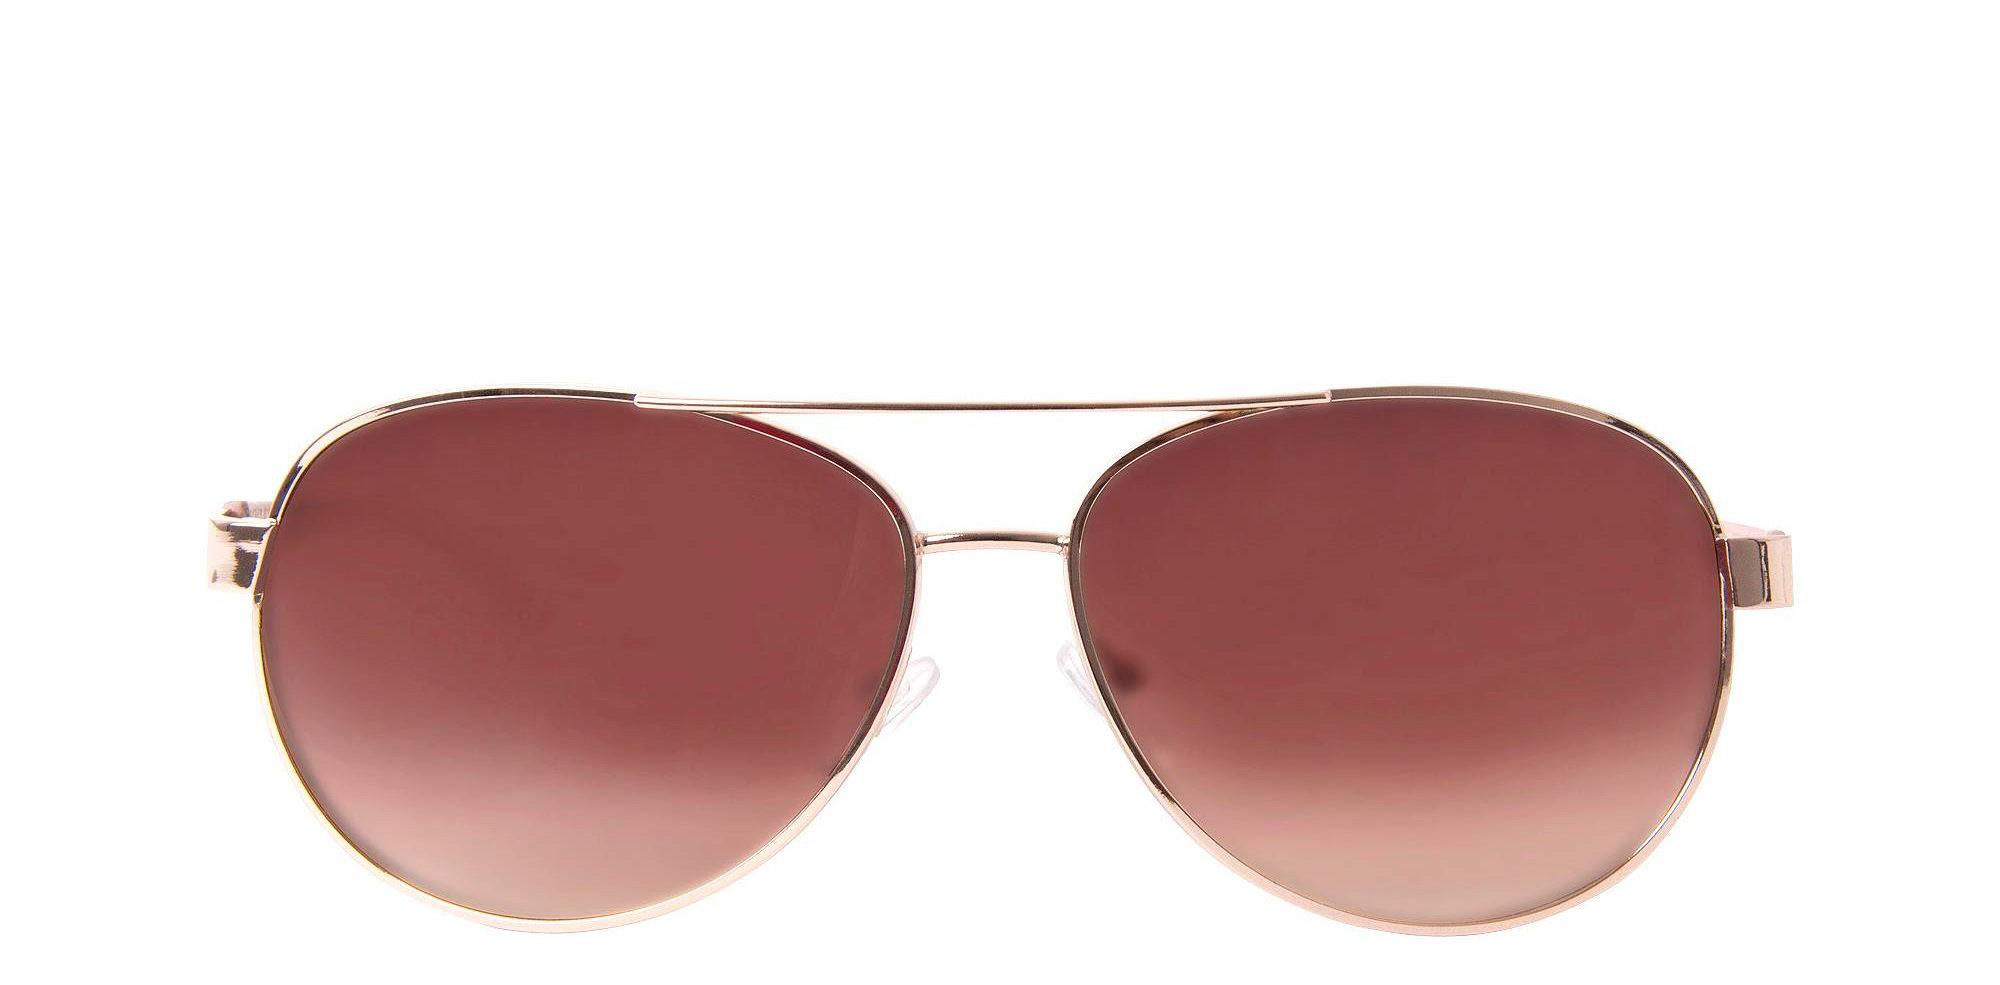 Sunglasses-Target-e1478897138451.jpg